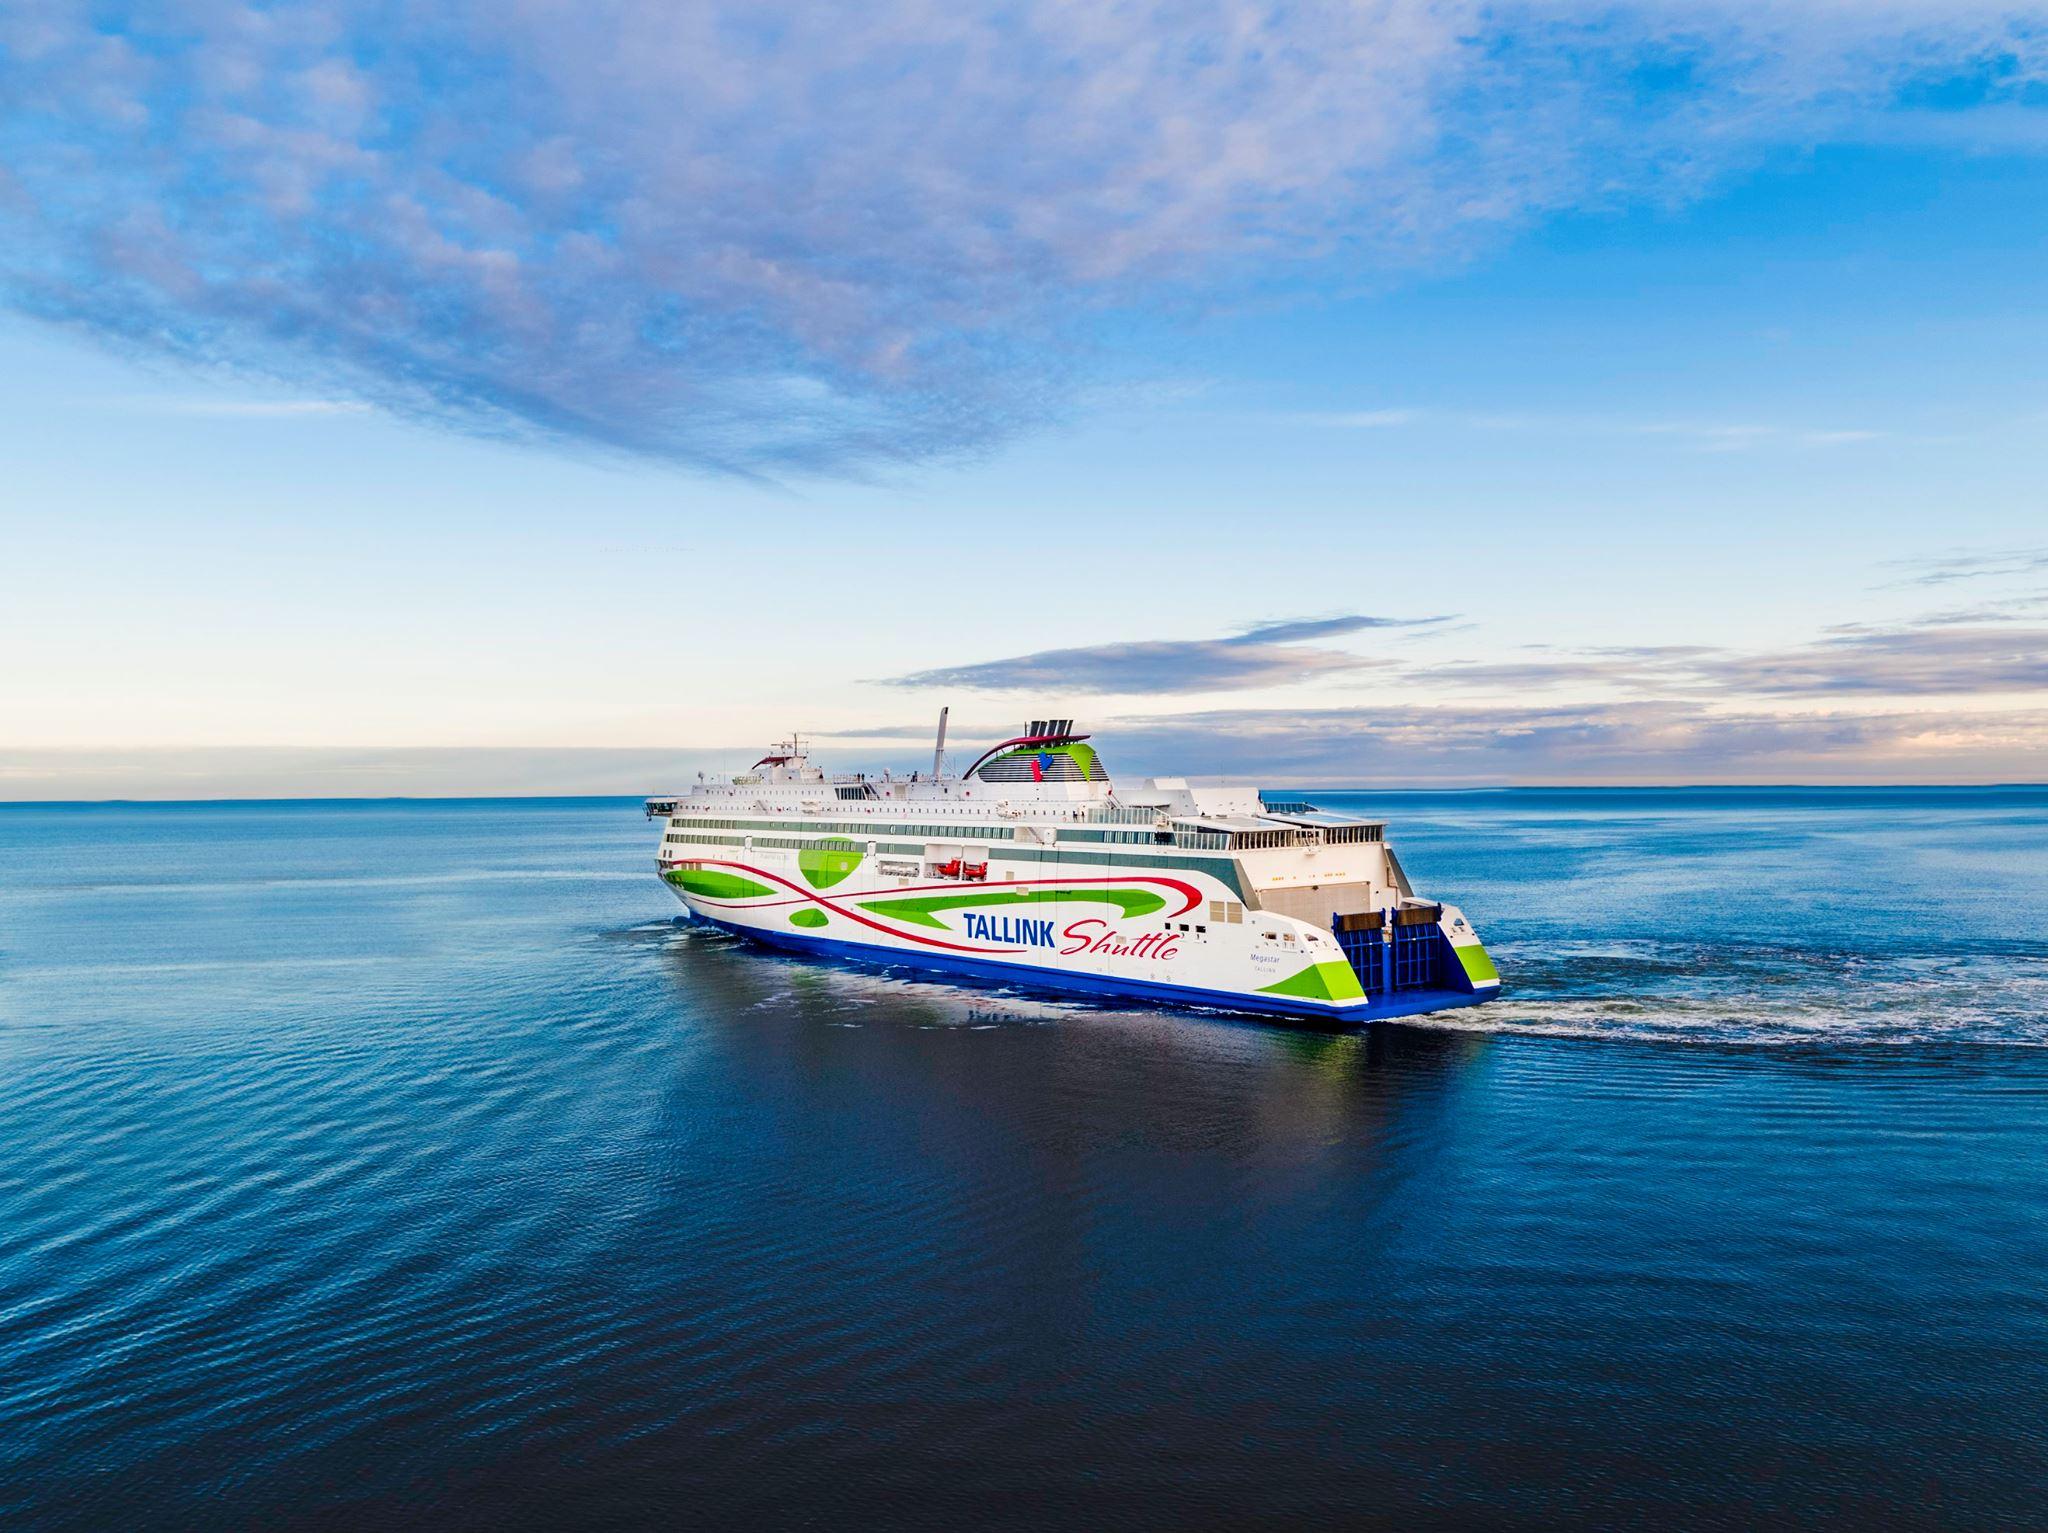 Tallink kingib Eesti riigi 100. sünnipäeval ilmale tulnud lastele ja nende peredele merereisi